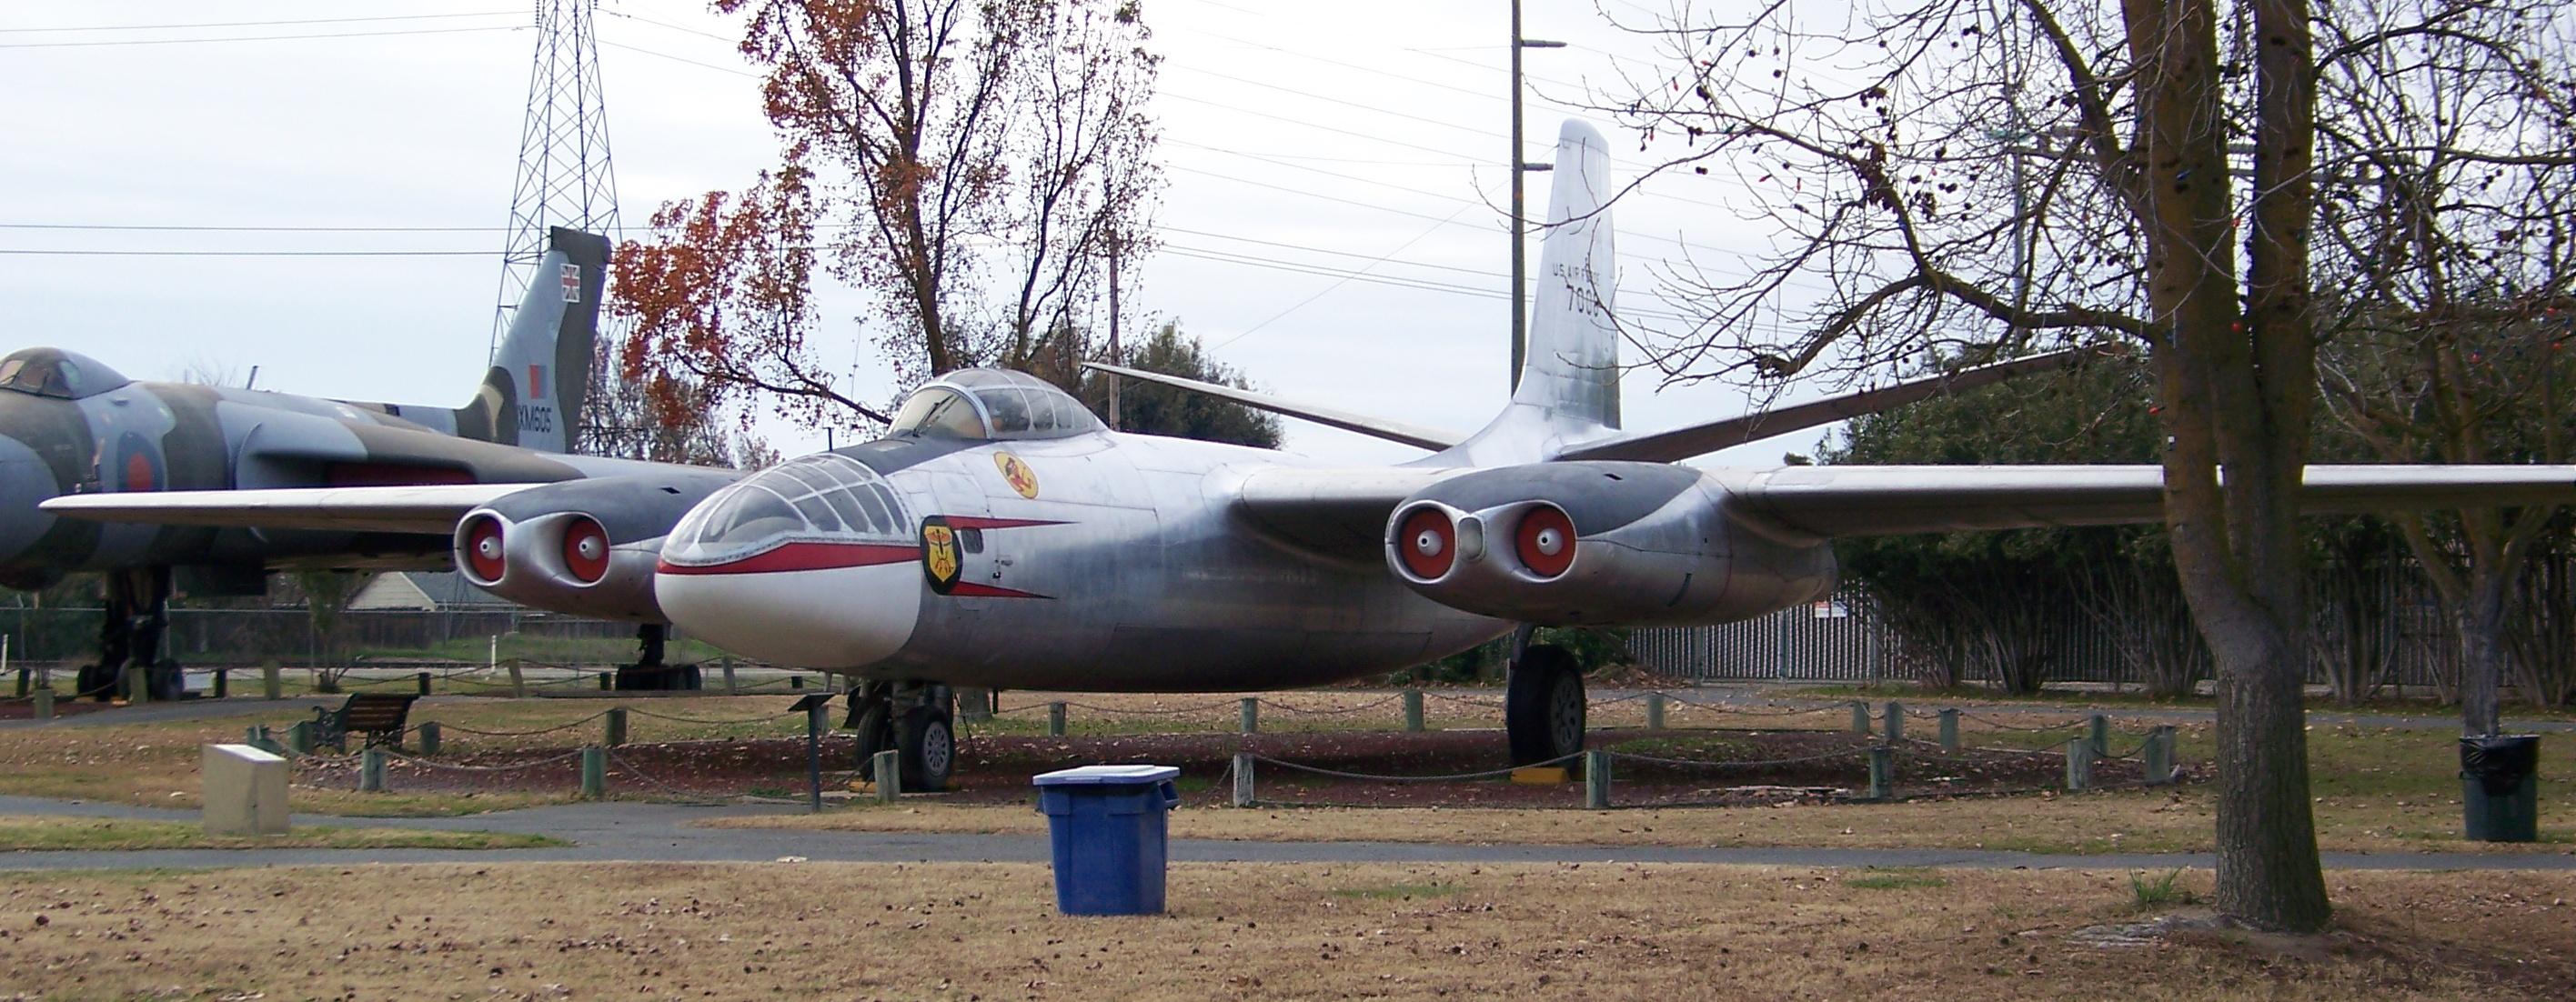 North_American_B-45A_TornadoCAM.jpg